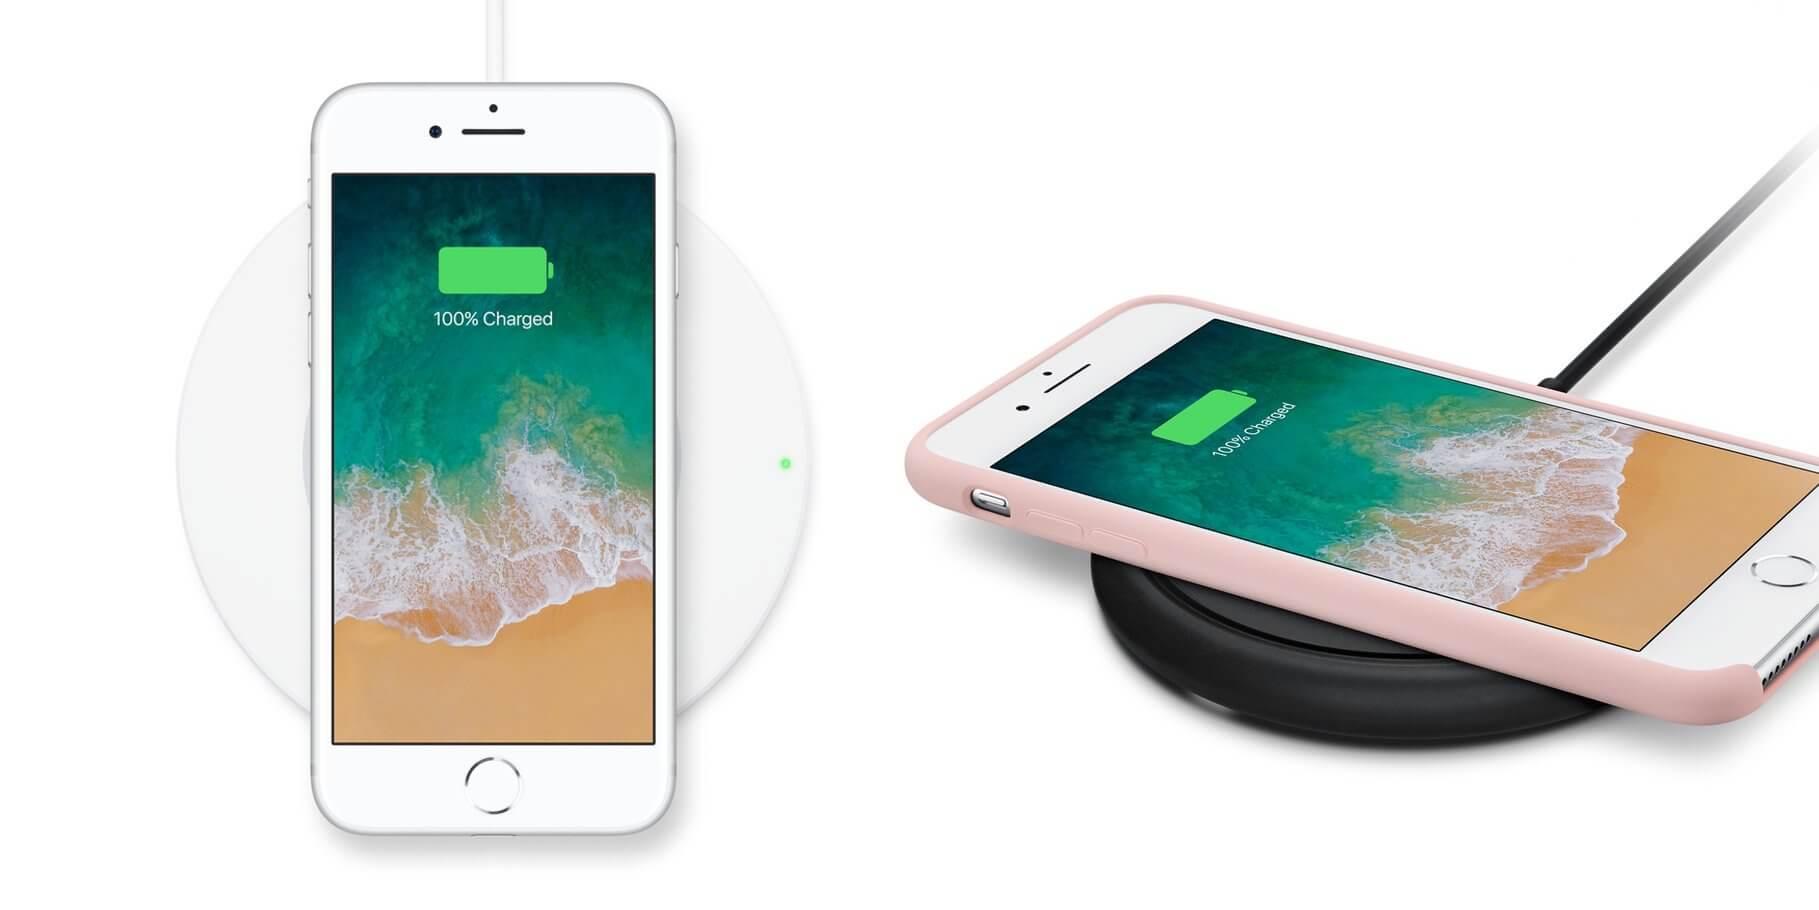 Az iOS 11.2-vel érkezik a gyorsabb vezeték nélküli töltés - Szifon.com f4b6a048fd